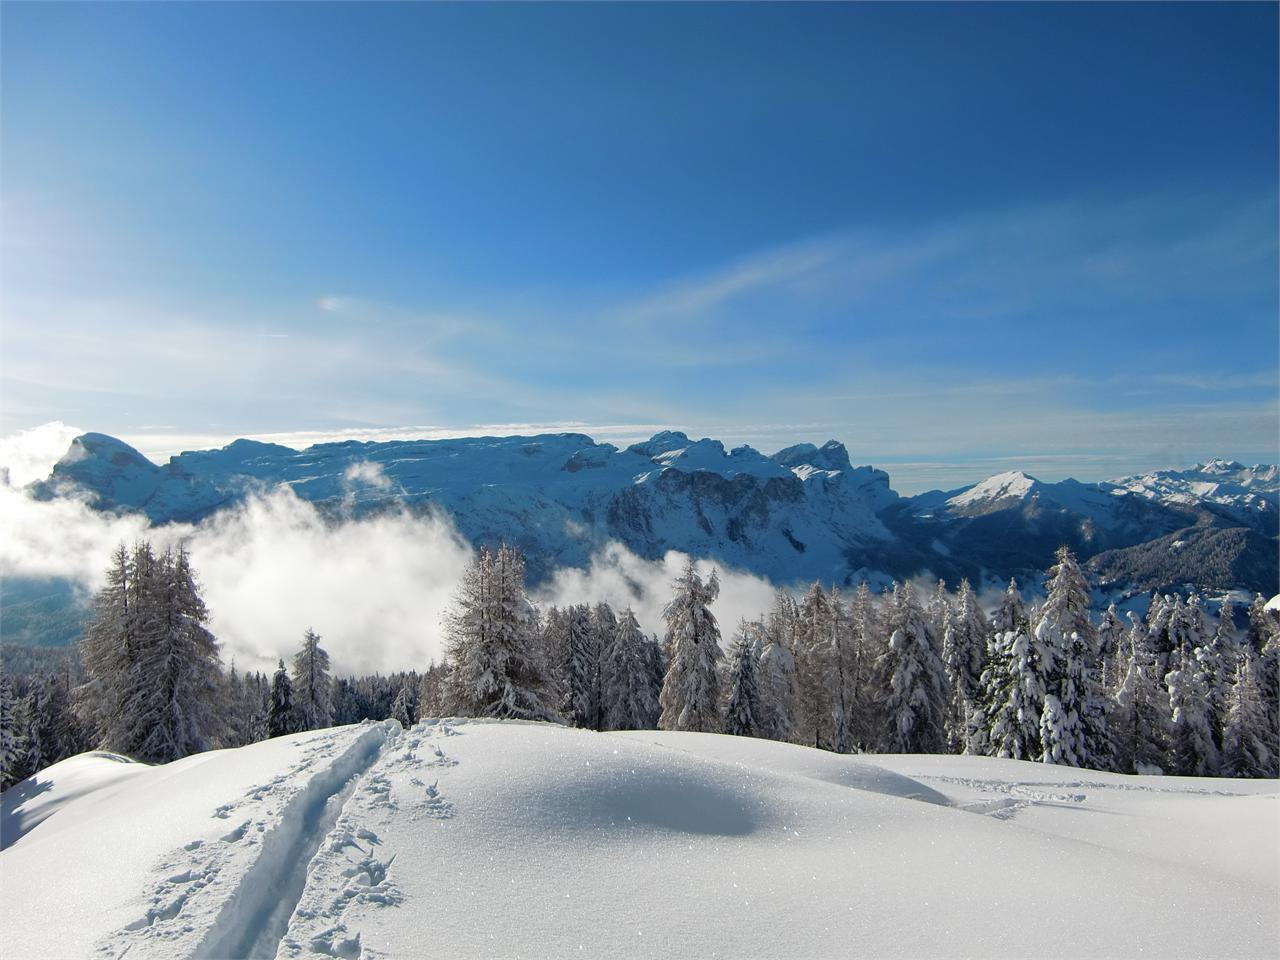 Schneeschuhwanderung am Fuße des Sas dla Crusc/Heilig Kreuz